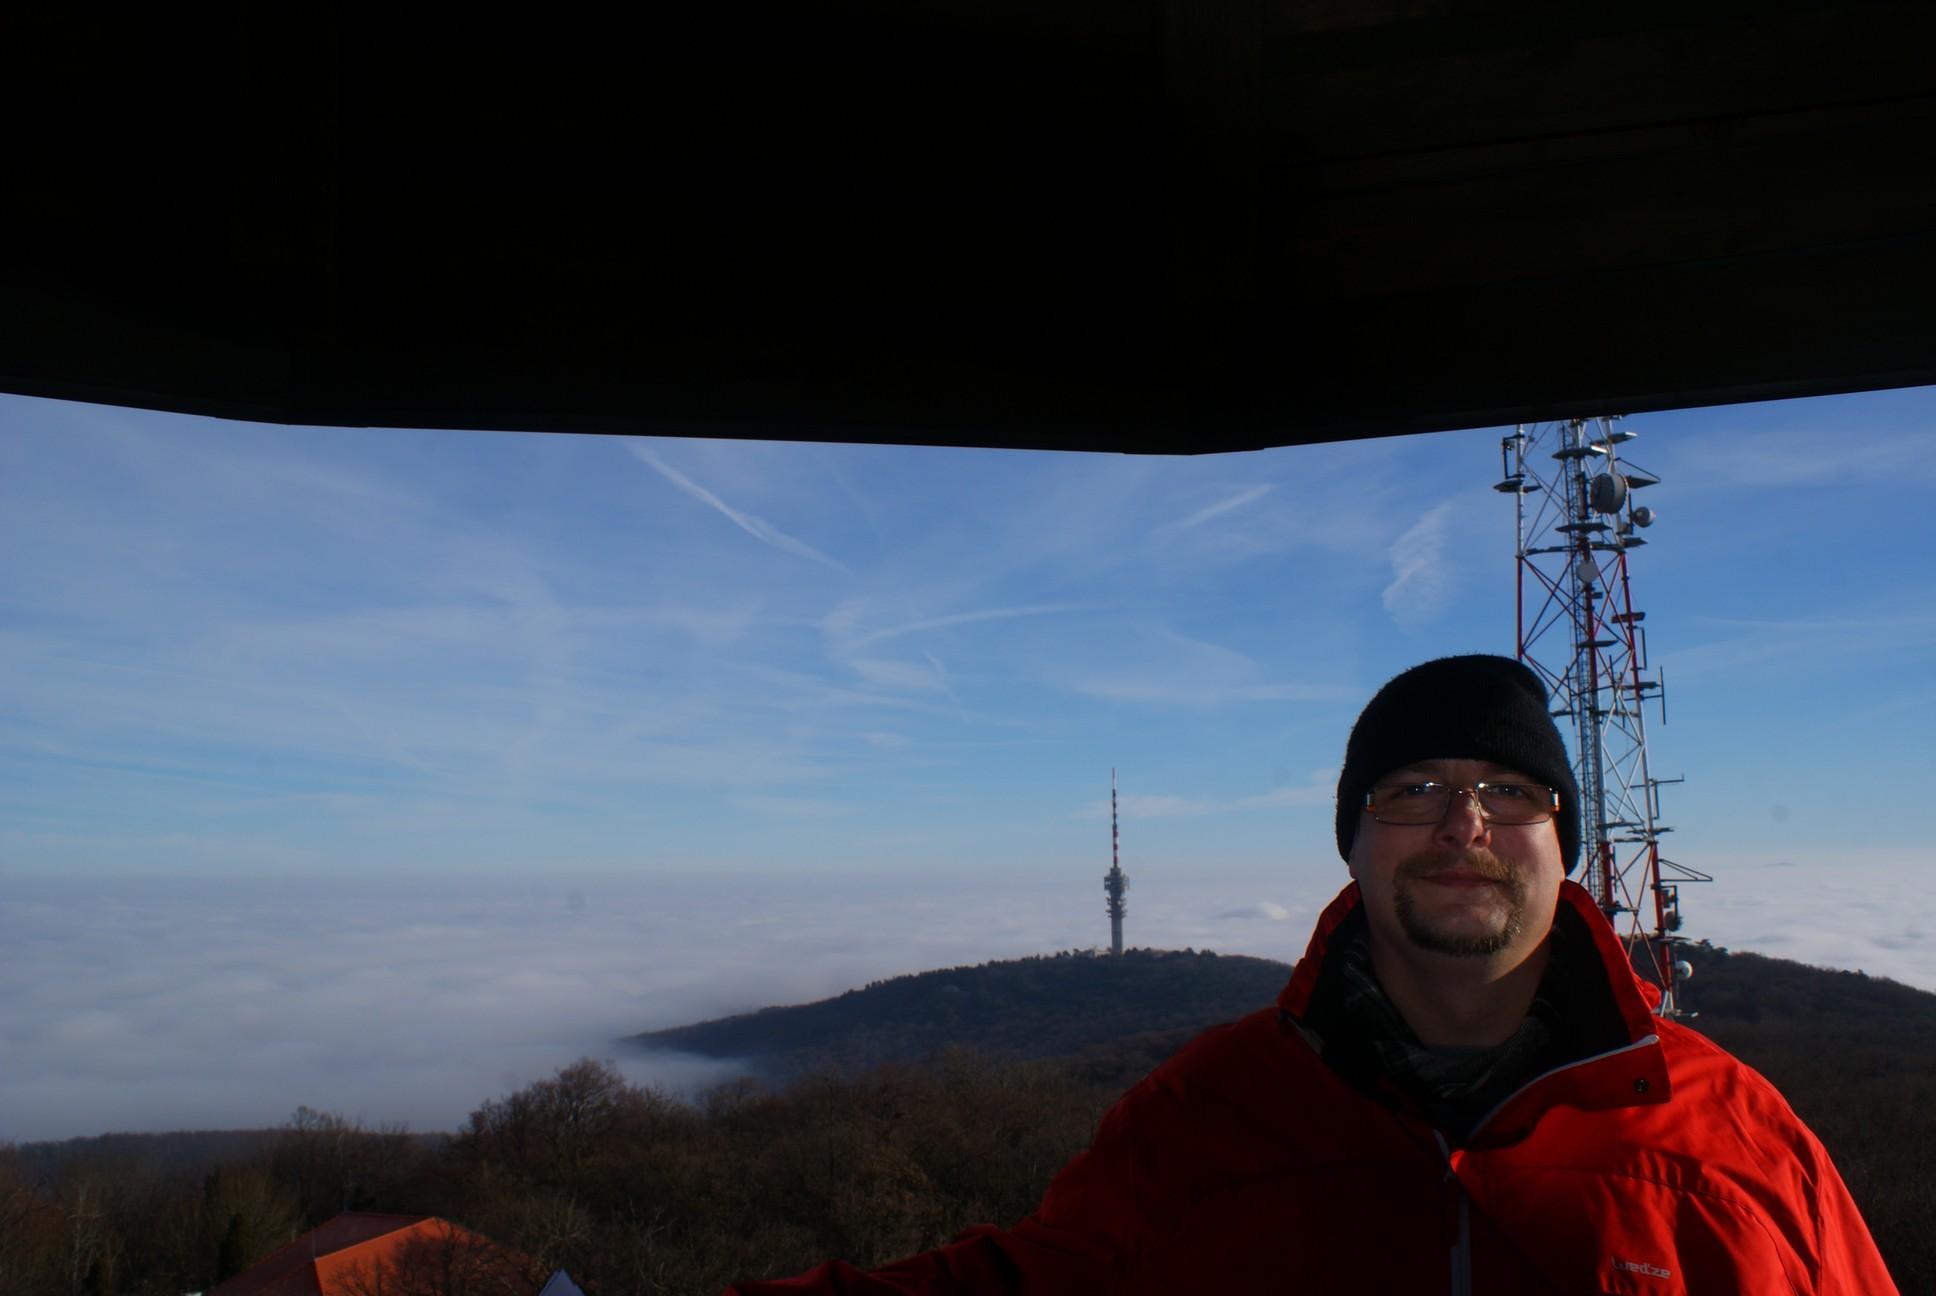 Jómagam és a TV torony a Tubesből